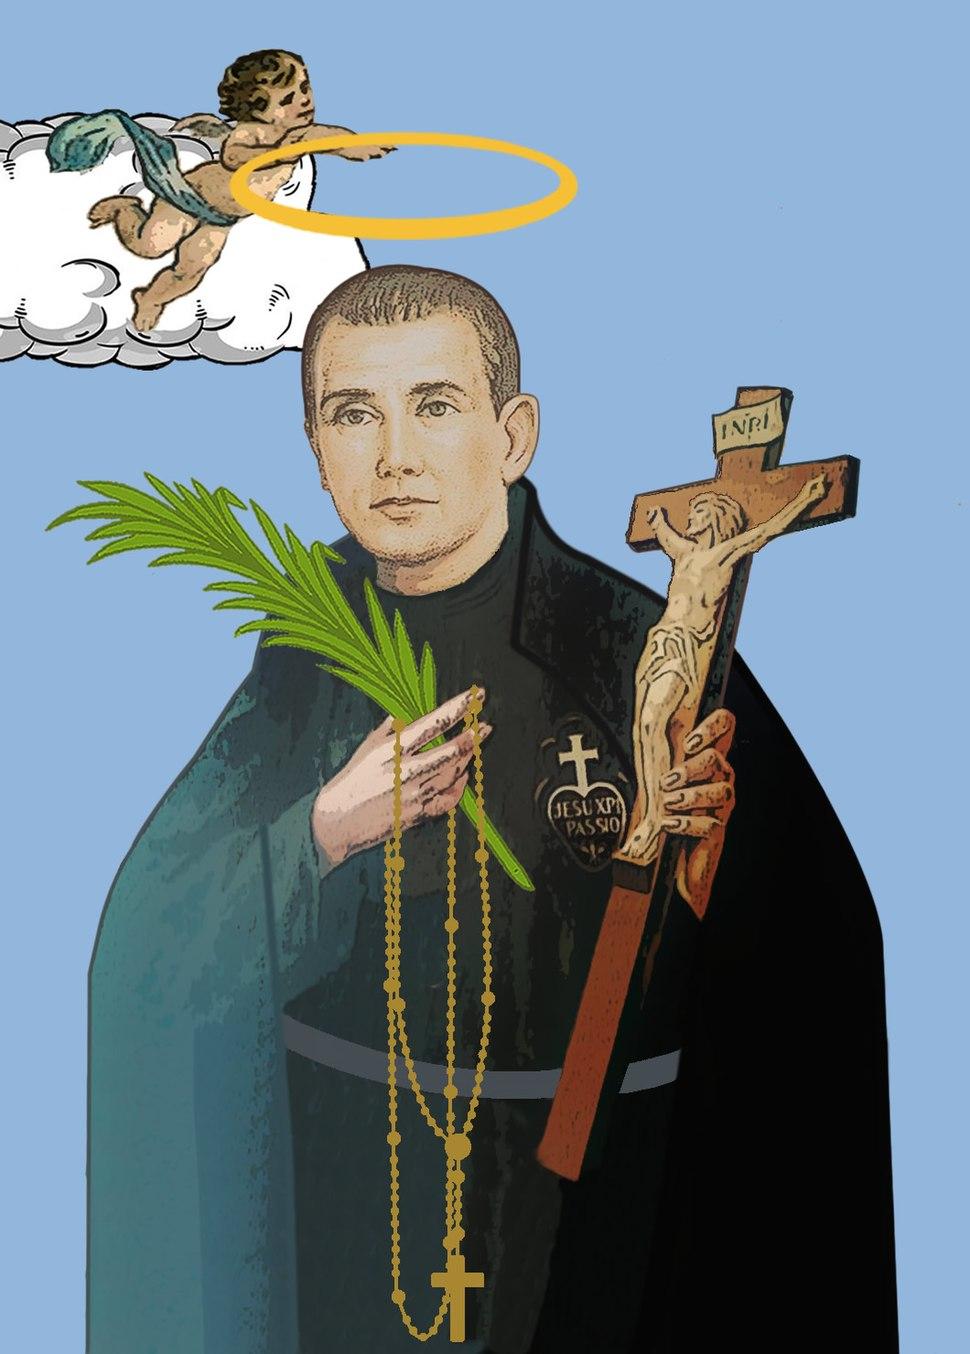 San Inocencio de la Inmaculada Concepción